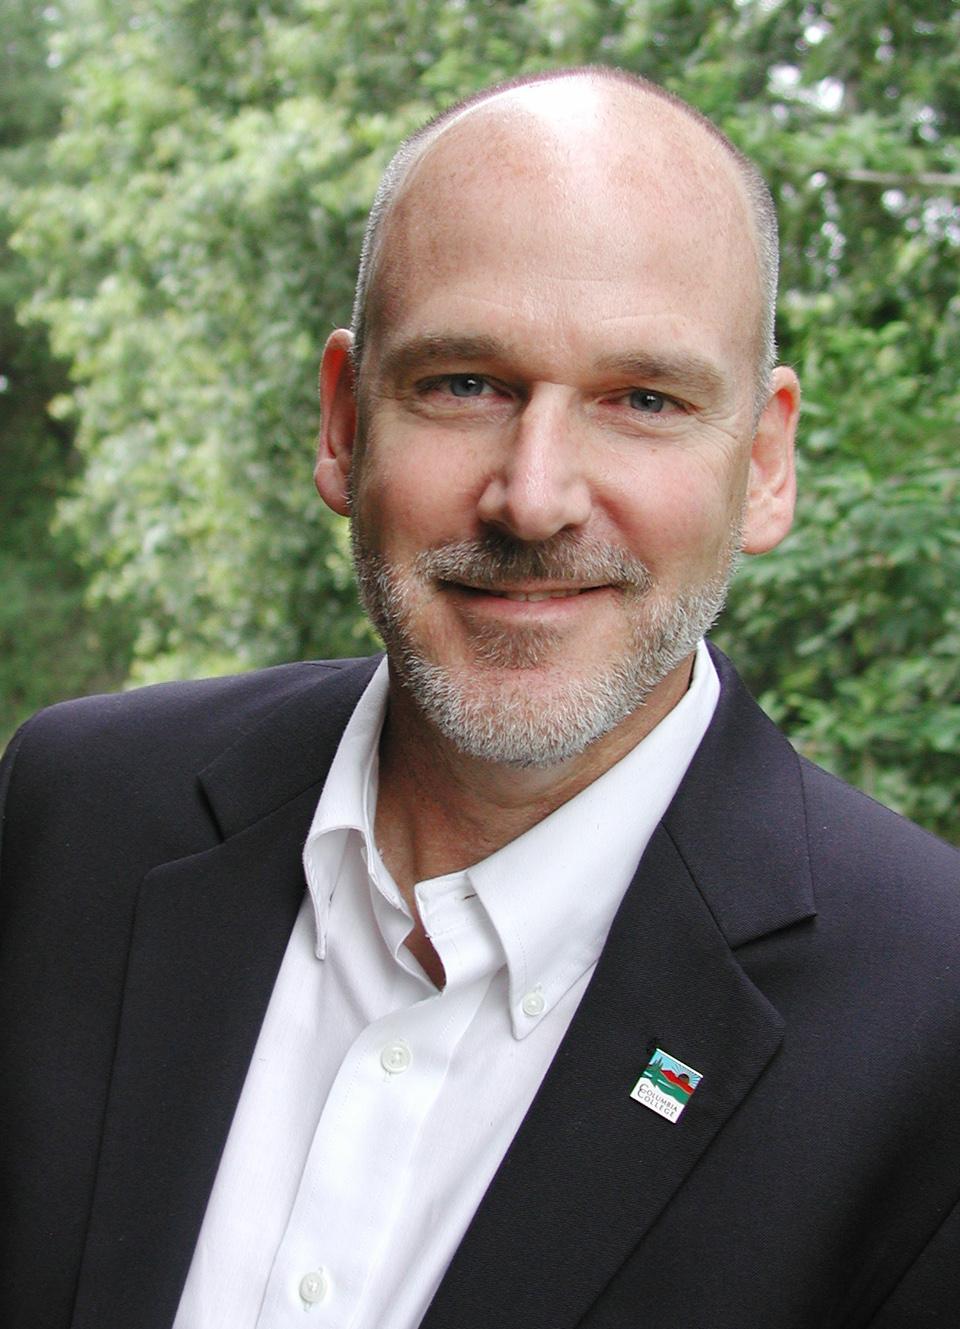 Dr. Dennis Gervin